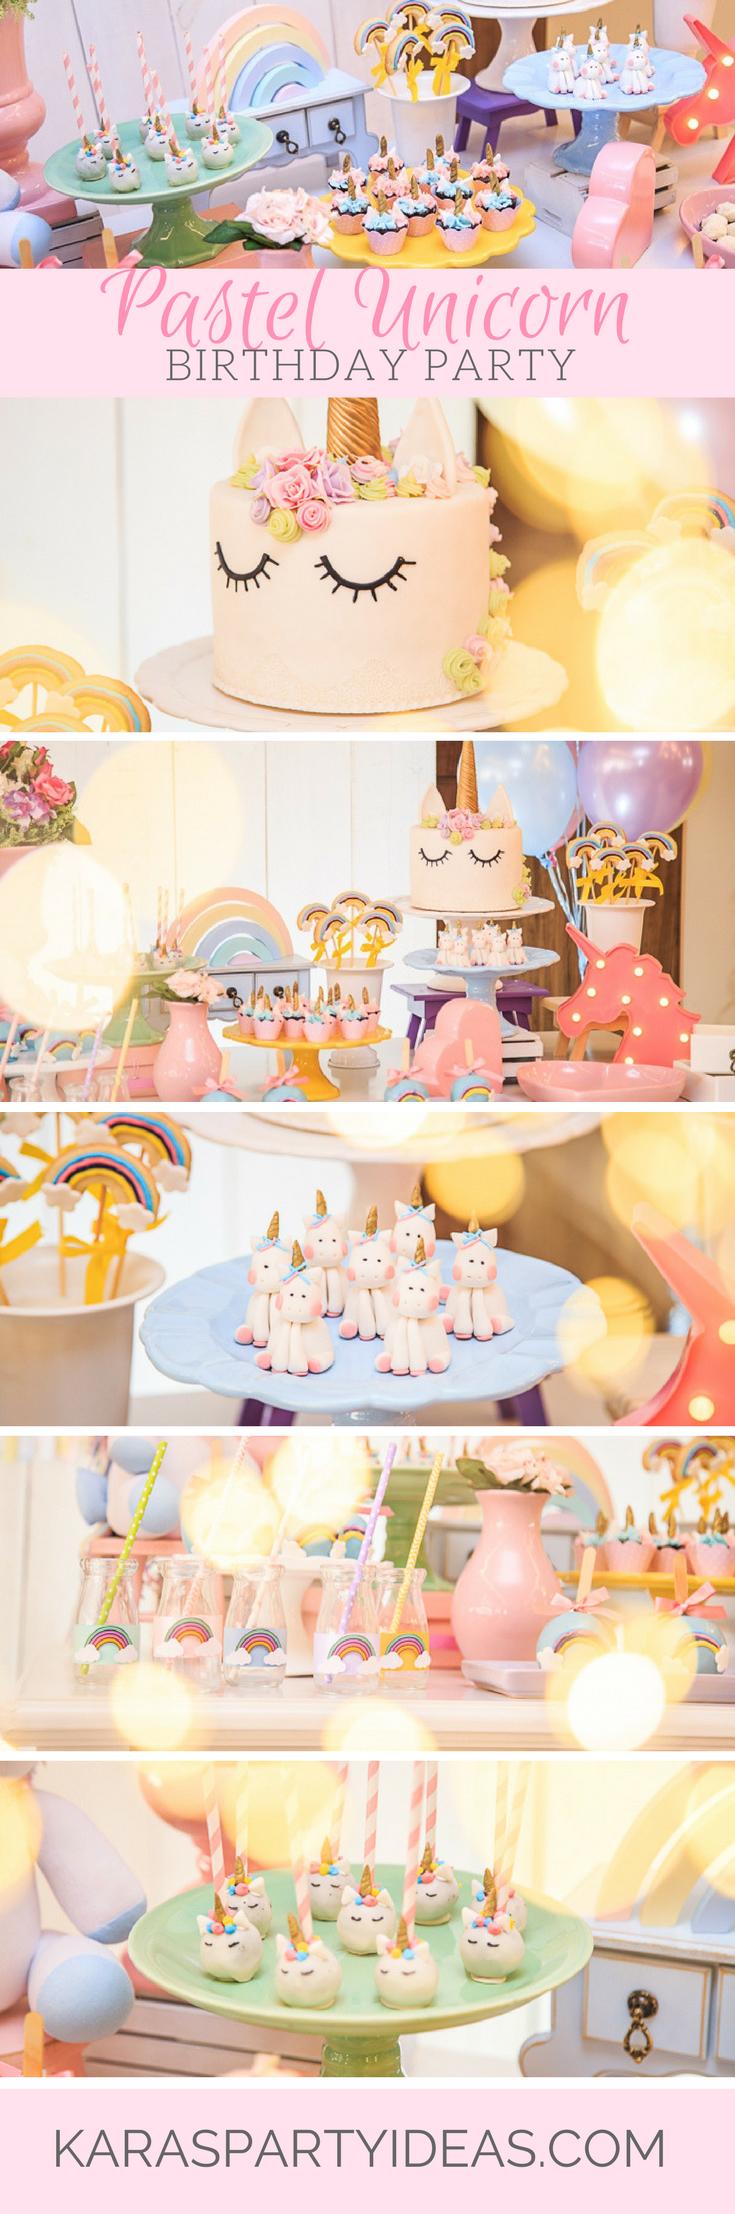 Tea time tea birthday party via kara s party ideas karaspartyideas com - Pastel Unicorn Birthday Party Via Kara S Party Ideas Karaspartyideas Com